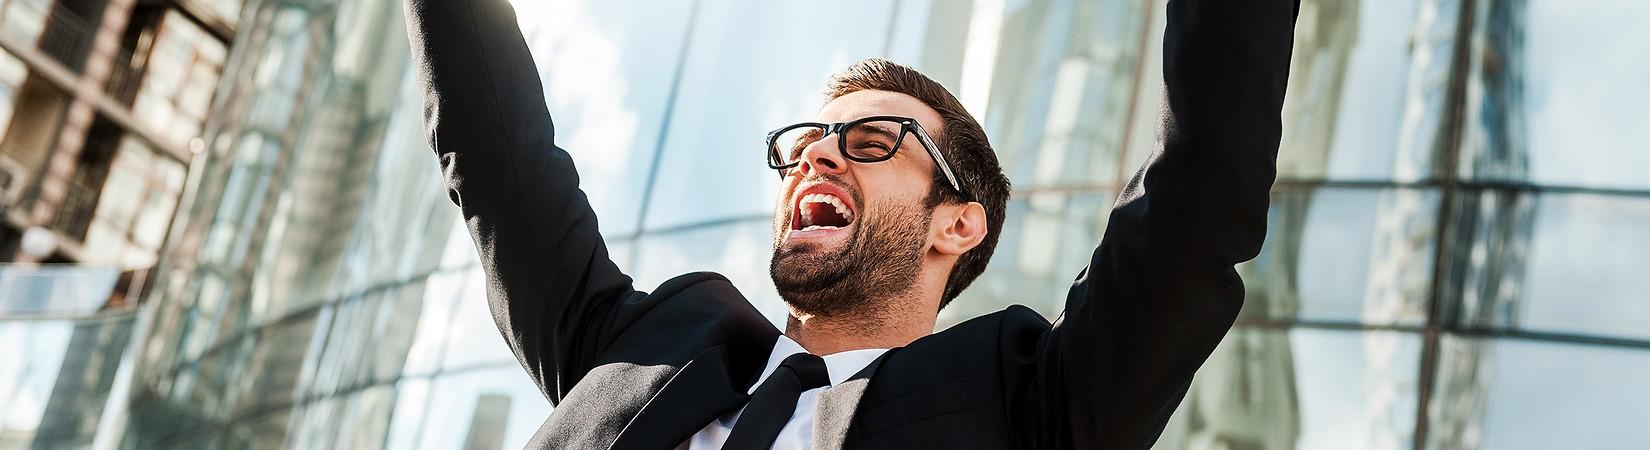 7 consejos para tener éxito en los negocios y en la vida